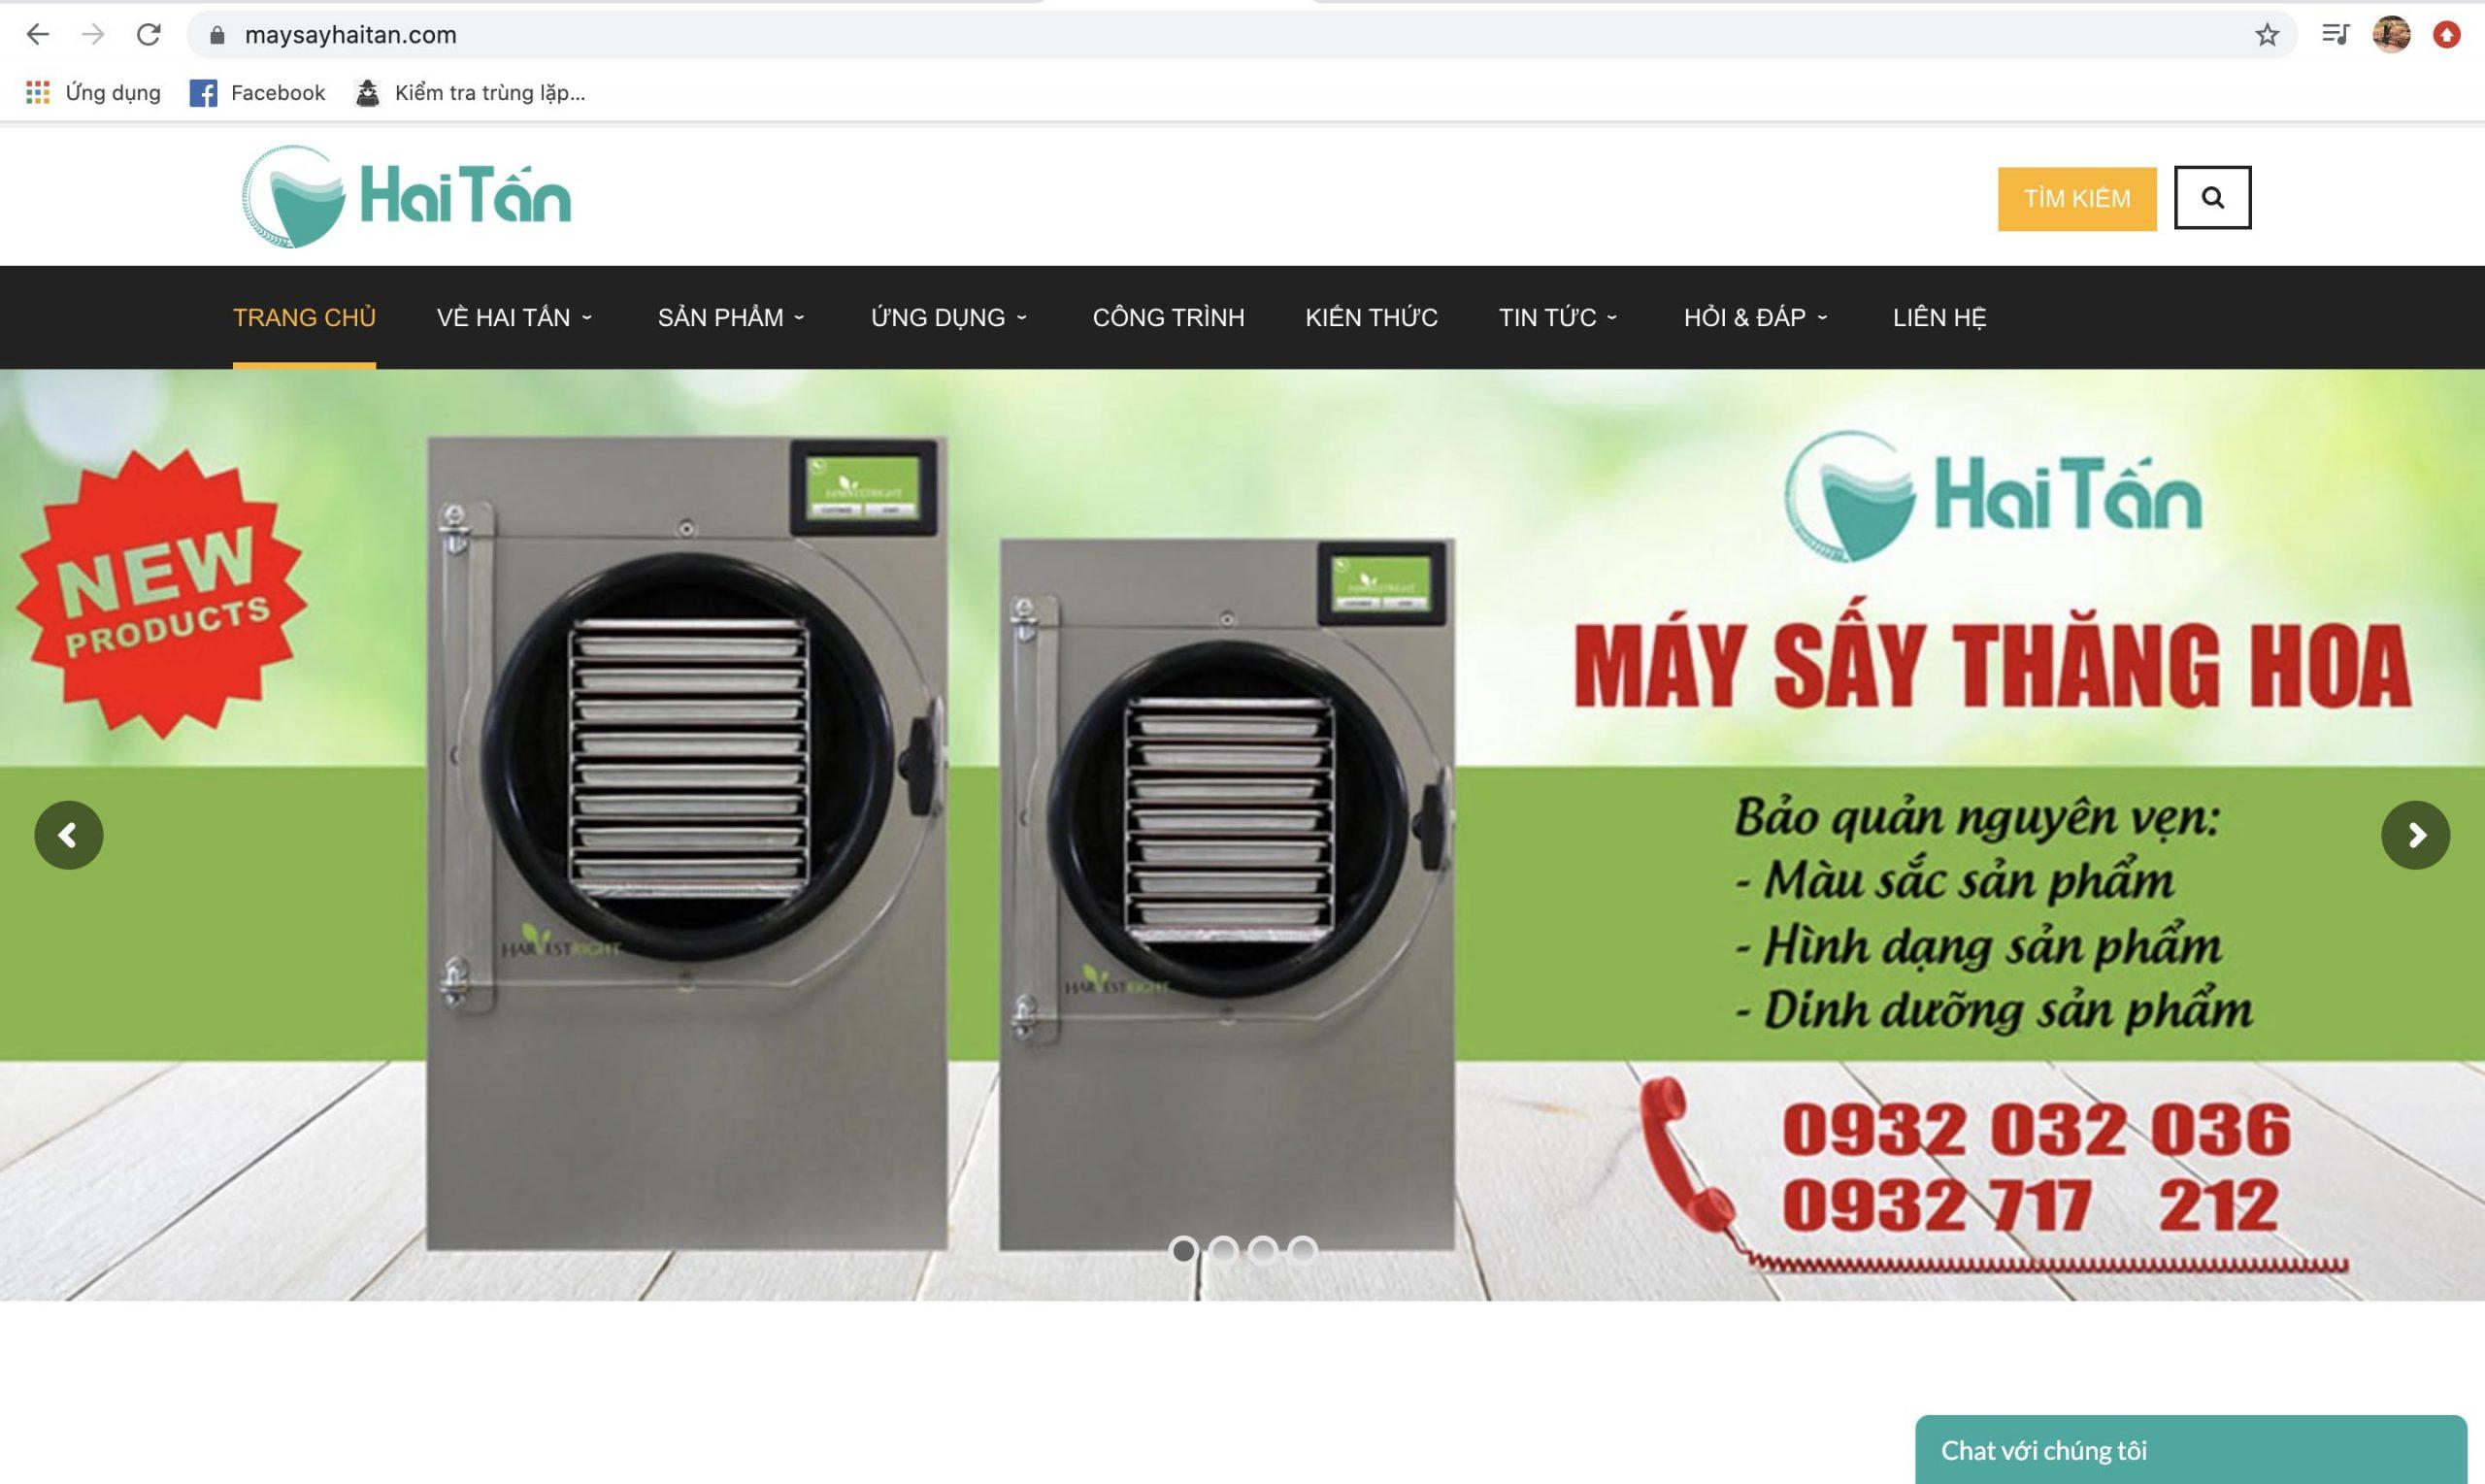 Maysayhaitan.com - địa chỉ cung cấp sản phẩm uy tín